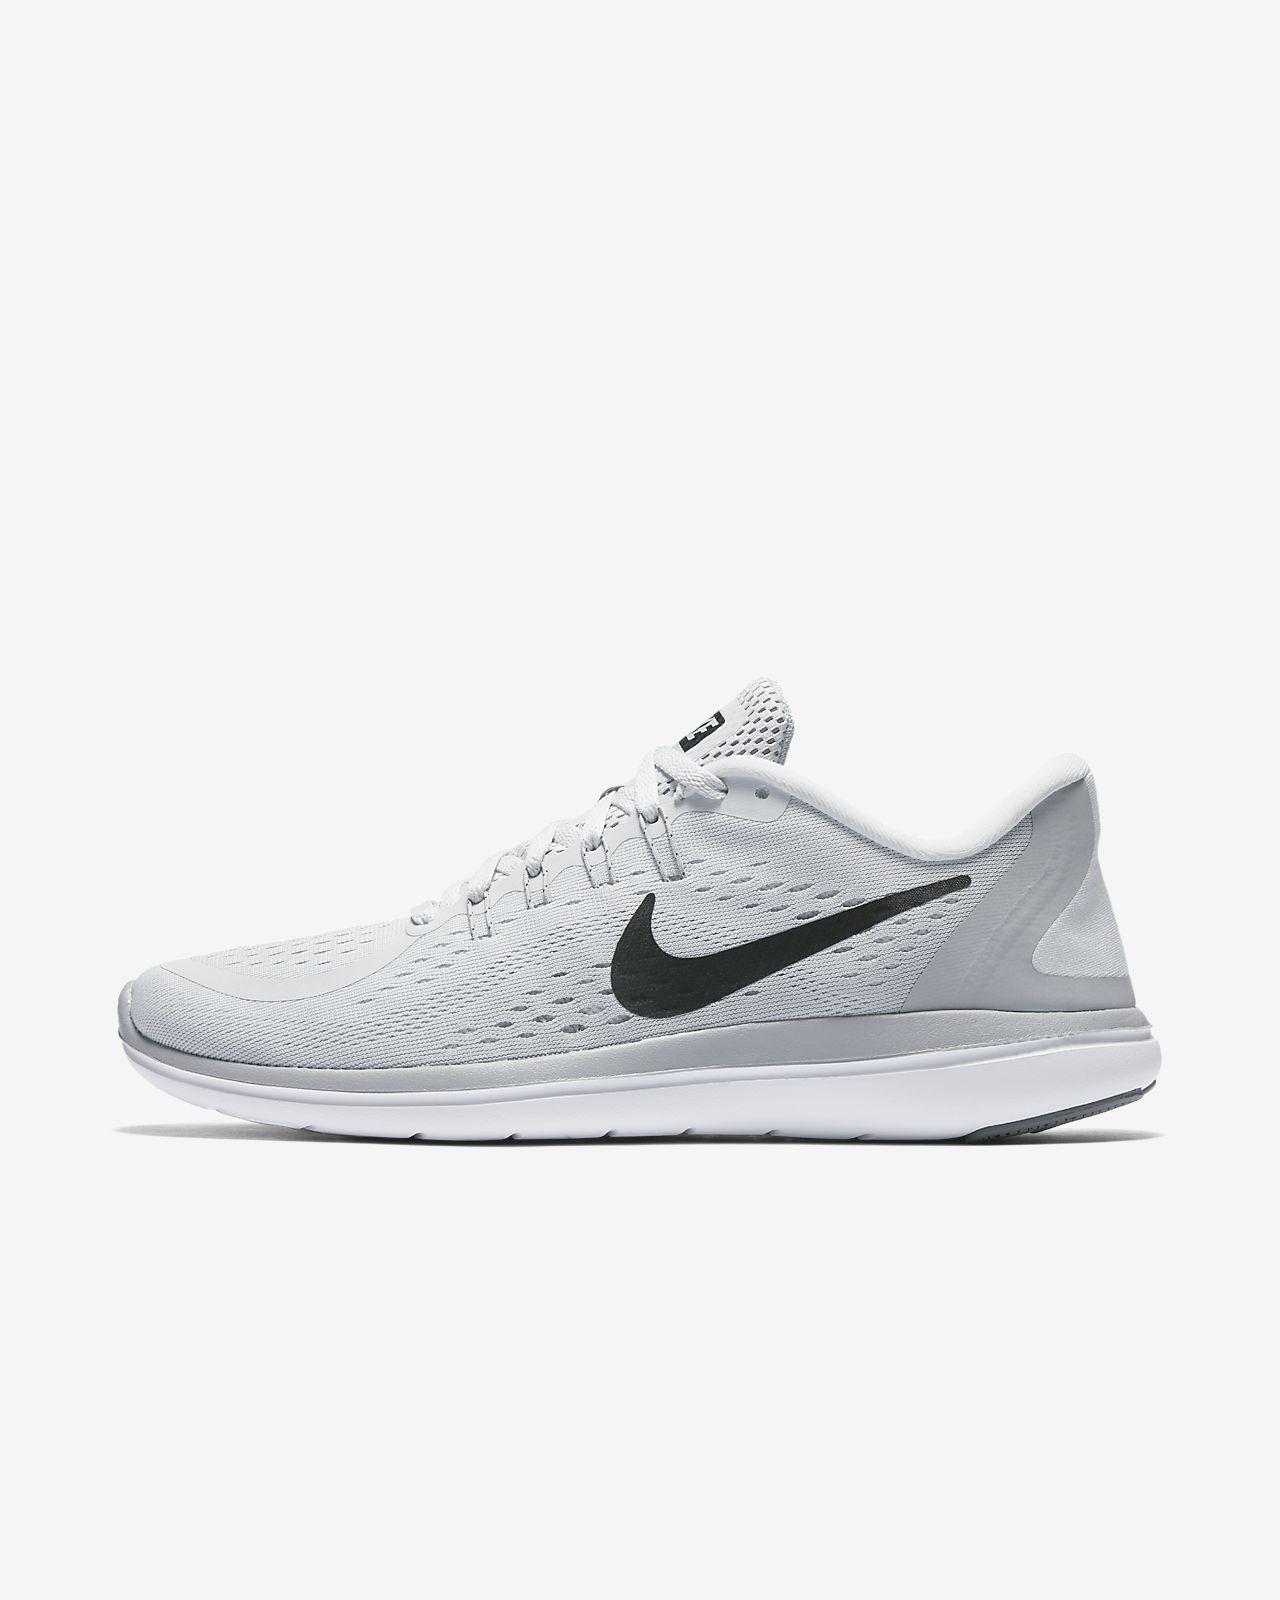 online retailer e121a e0030 Nike Flex 2017 RN Women's Running Shoe